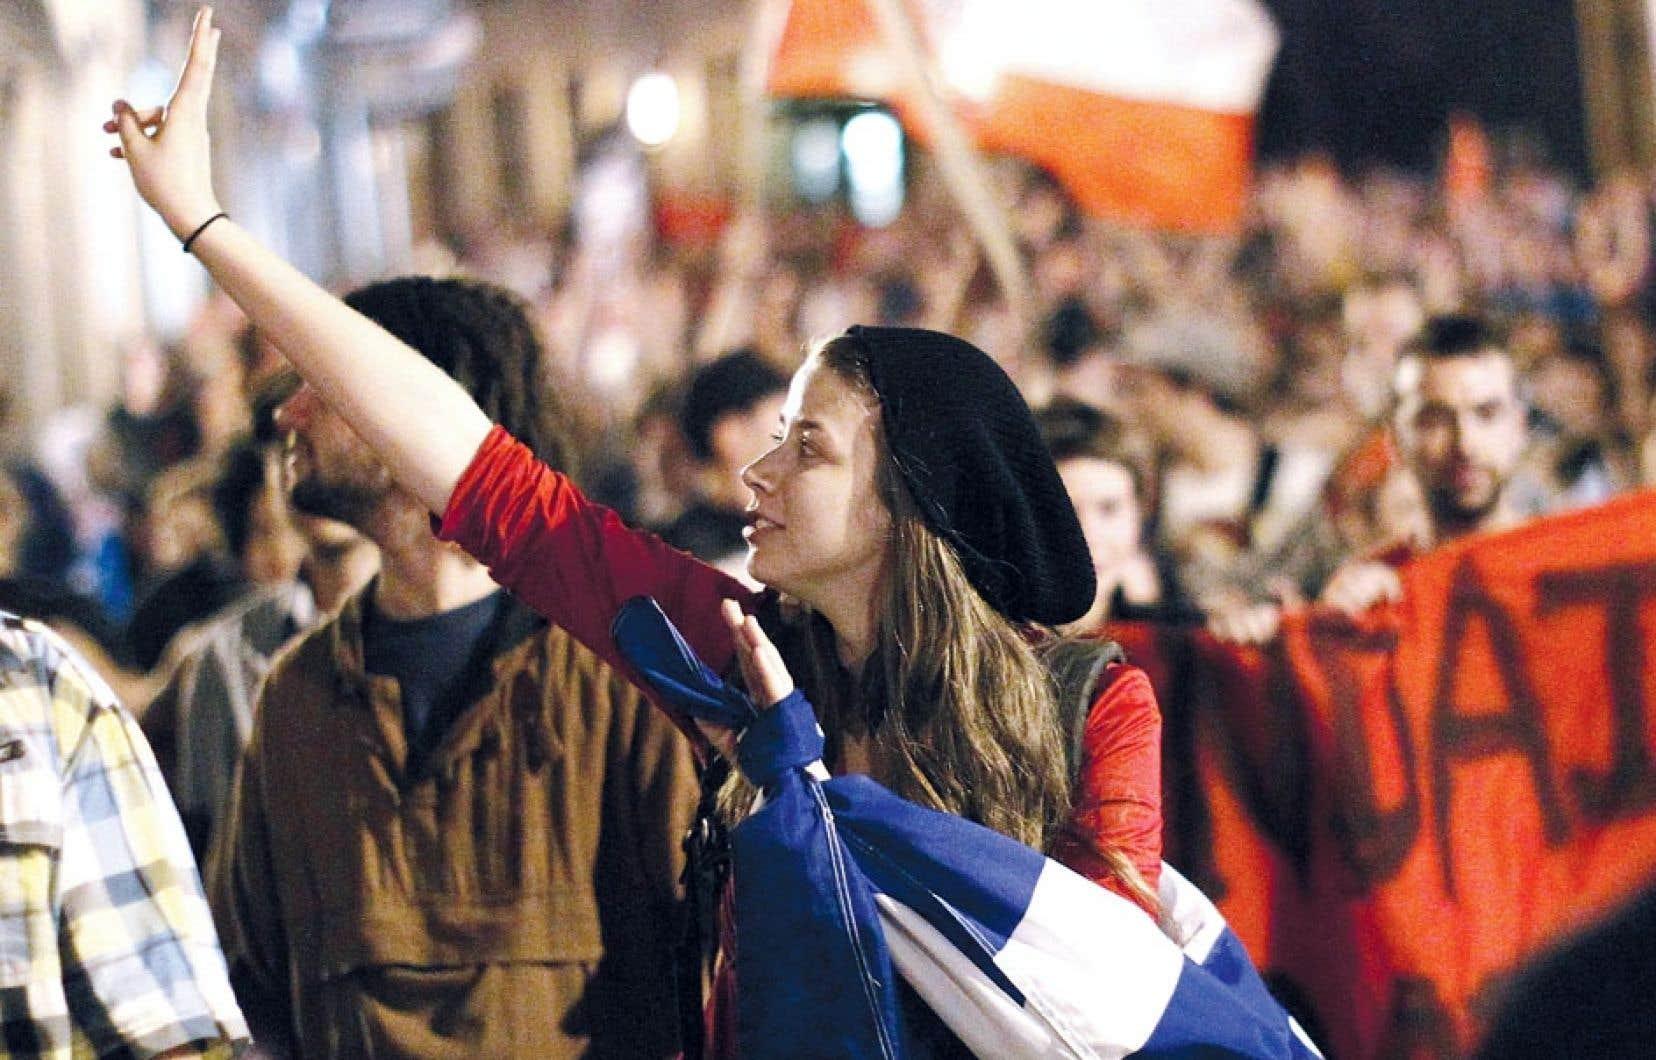 Soirée de manifestation à Québec pendant le conflit étudiant, en mai dernier. Selon le sociologue et historien Gérard Bouchard, ces manifestations sont peut-être « le signe que le sentiment d'impuissance, d'immobilisme et de cynisme n'a pas encore tout étouffé ».